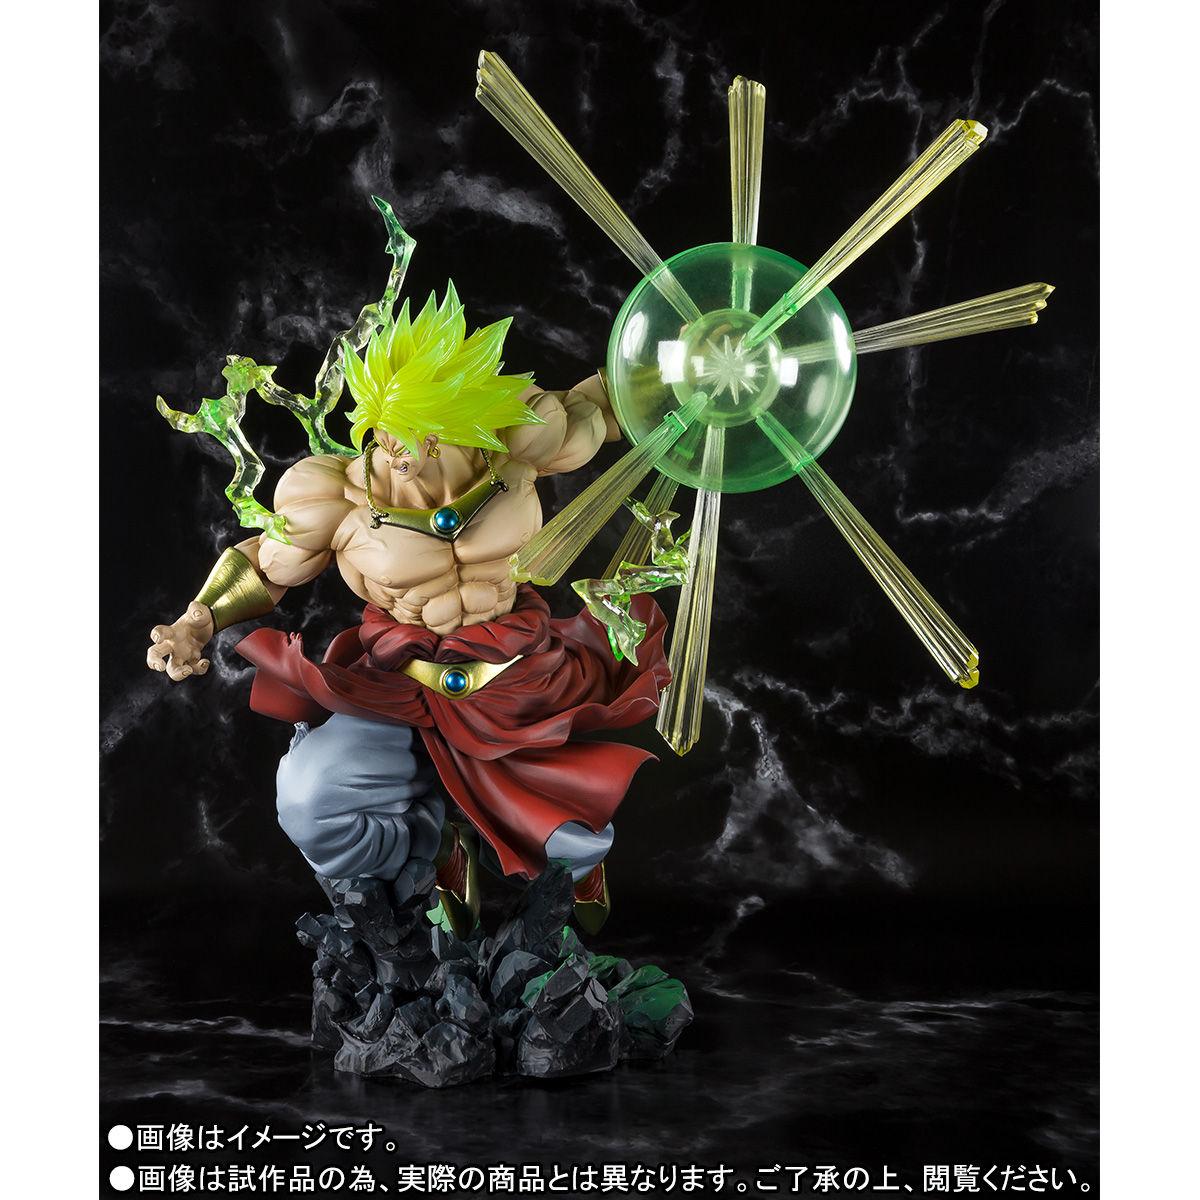 フィギュアーツZERO『スーパーサイヤ人ブロリー -熱戦-』ドラゴンボールZ 完成品フィギュア-004